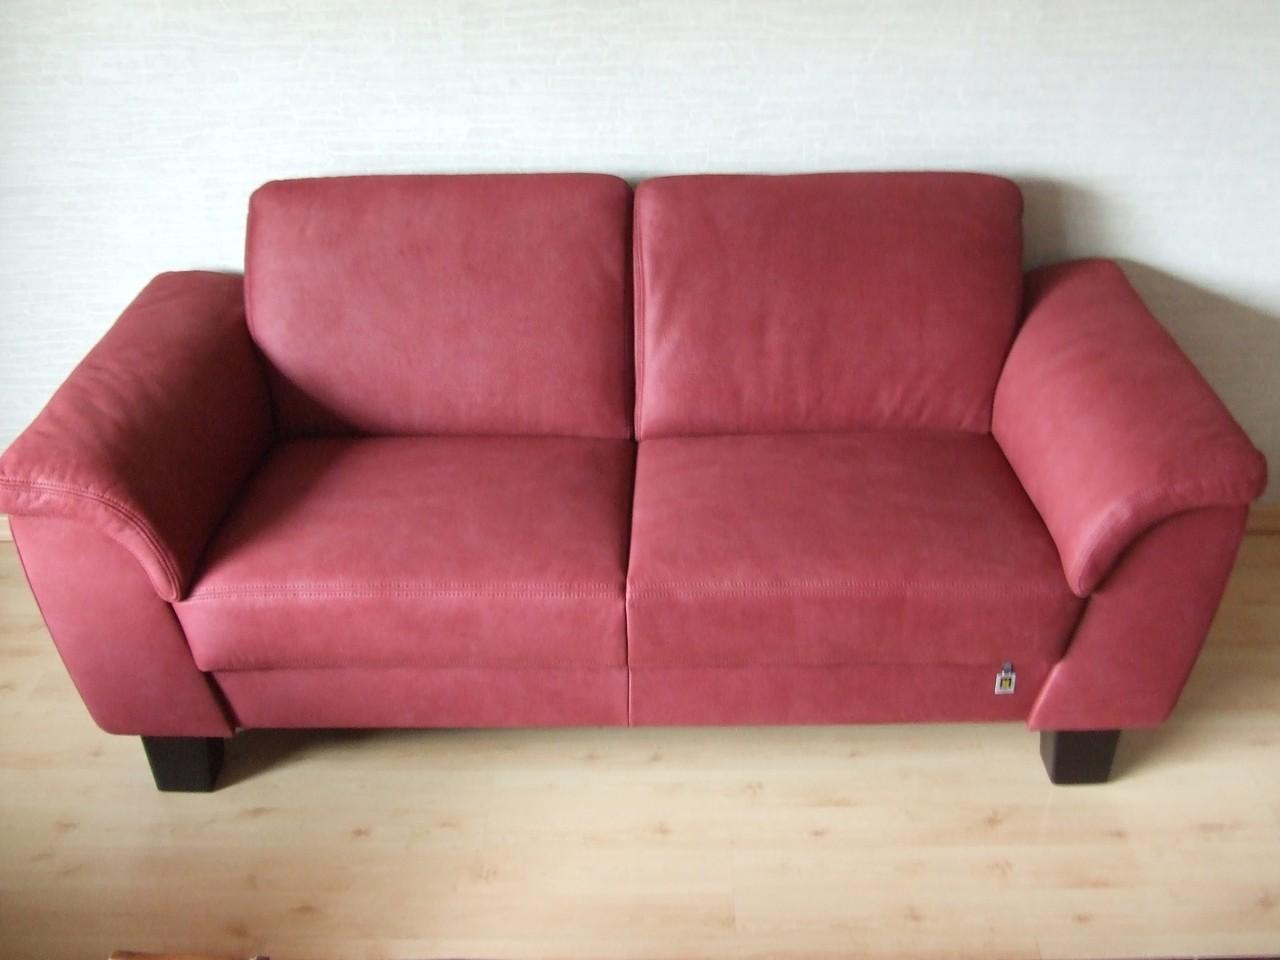 Geruche aus sofa entfernen ideen flecken aus dem sofa entfernen quelle imago gold natural Hundeurin aus sofa entfernen